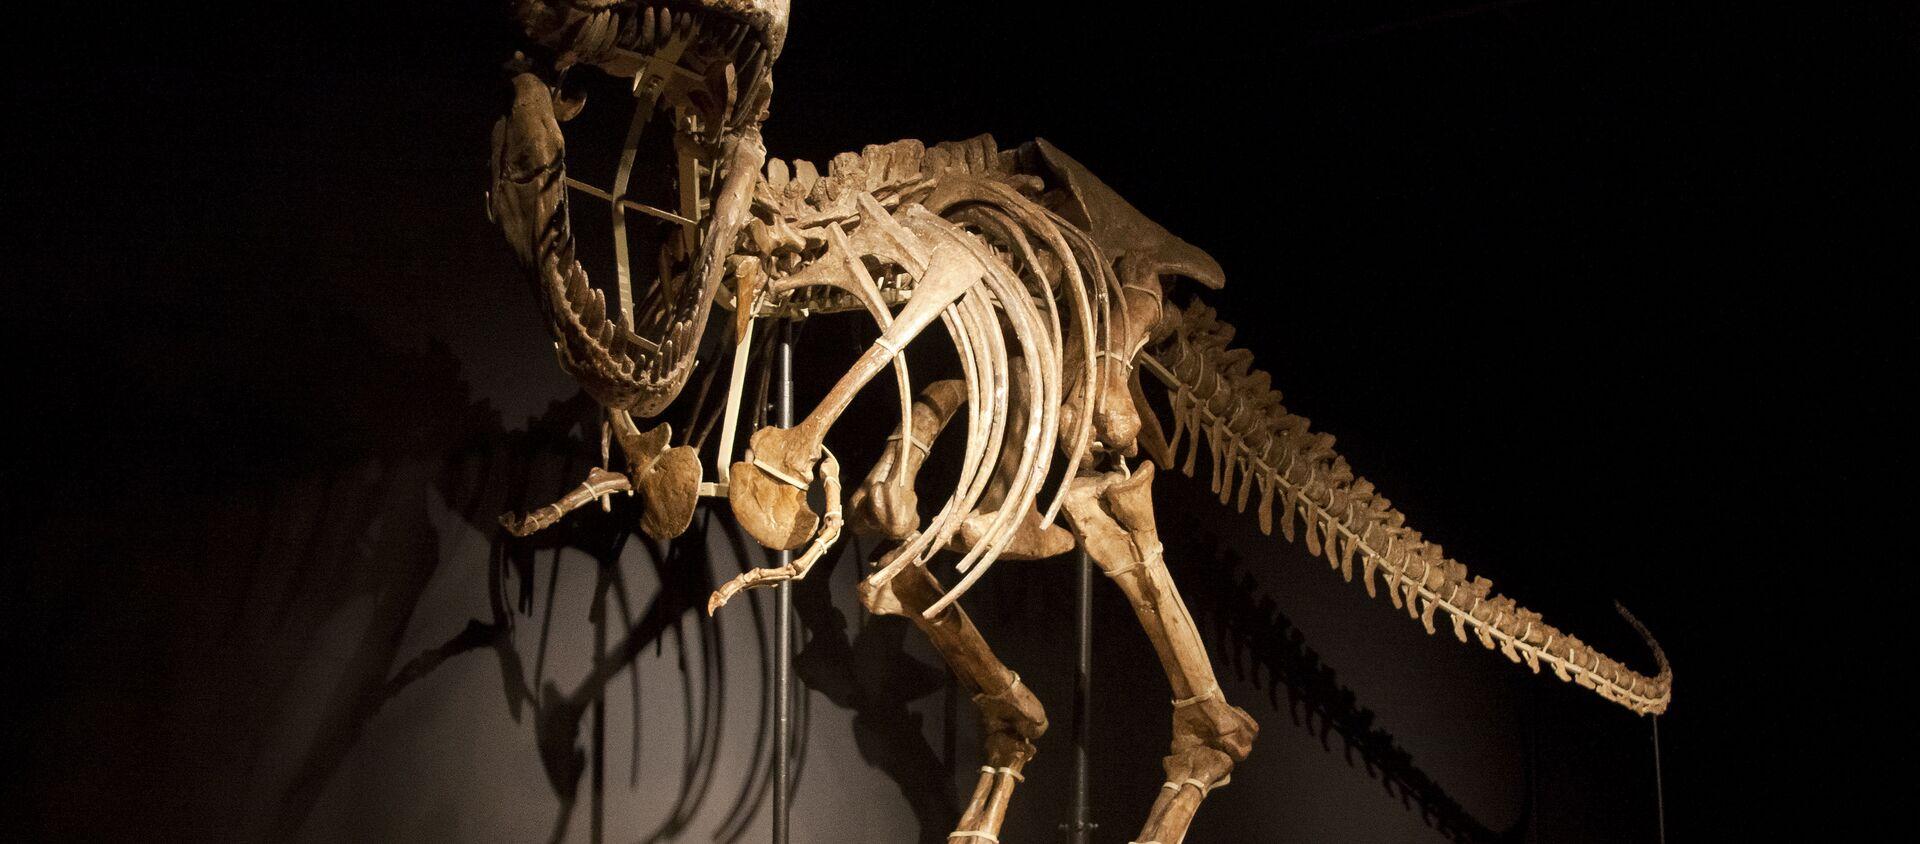 Esqueleto de un dinosaurio - Sputnik Mundo, 1920, 20.07.2017